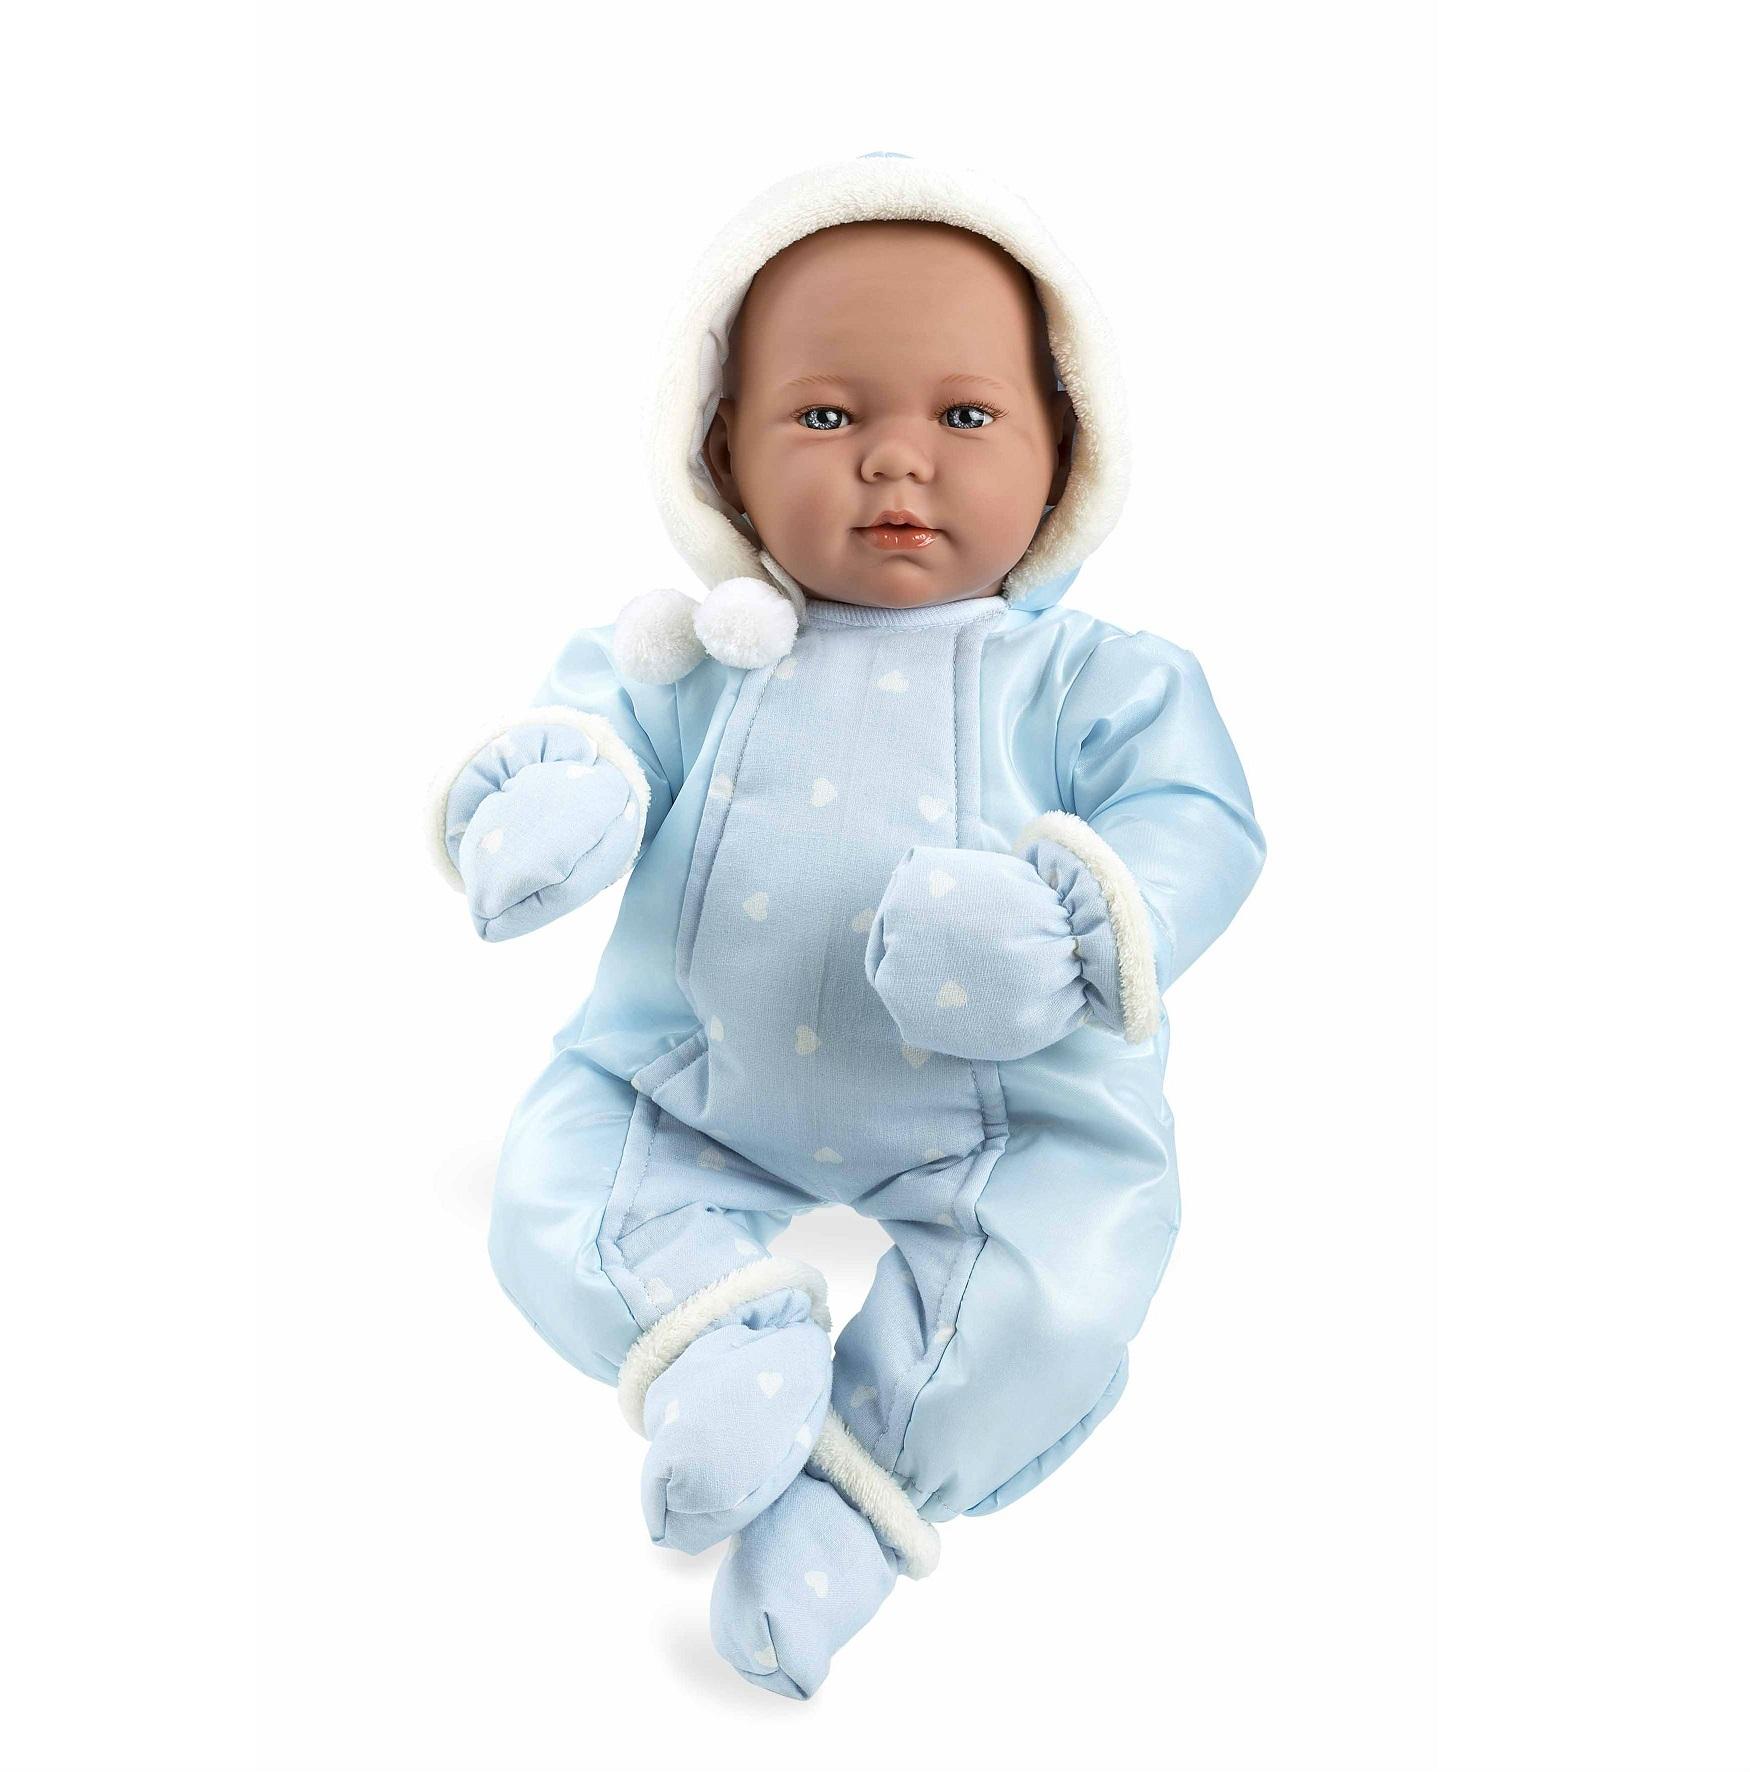 Купить Мягкий пупс из серии Arias Elegance в голубом костюме, с соской, плачет, 45 см.